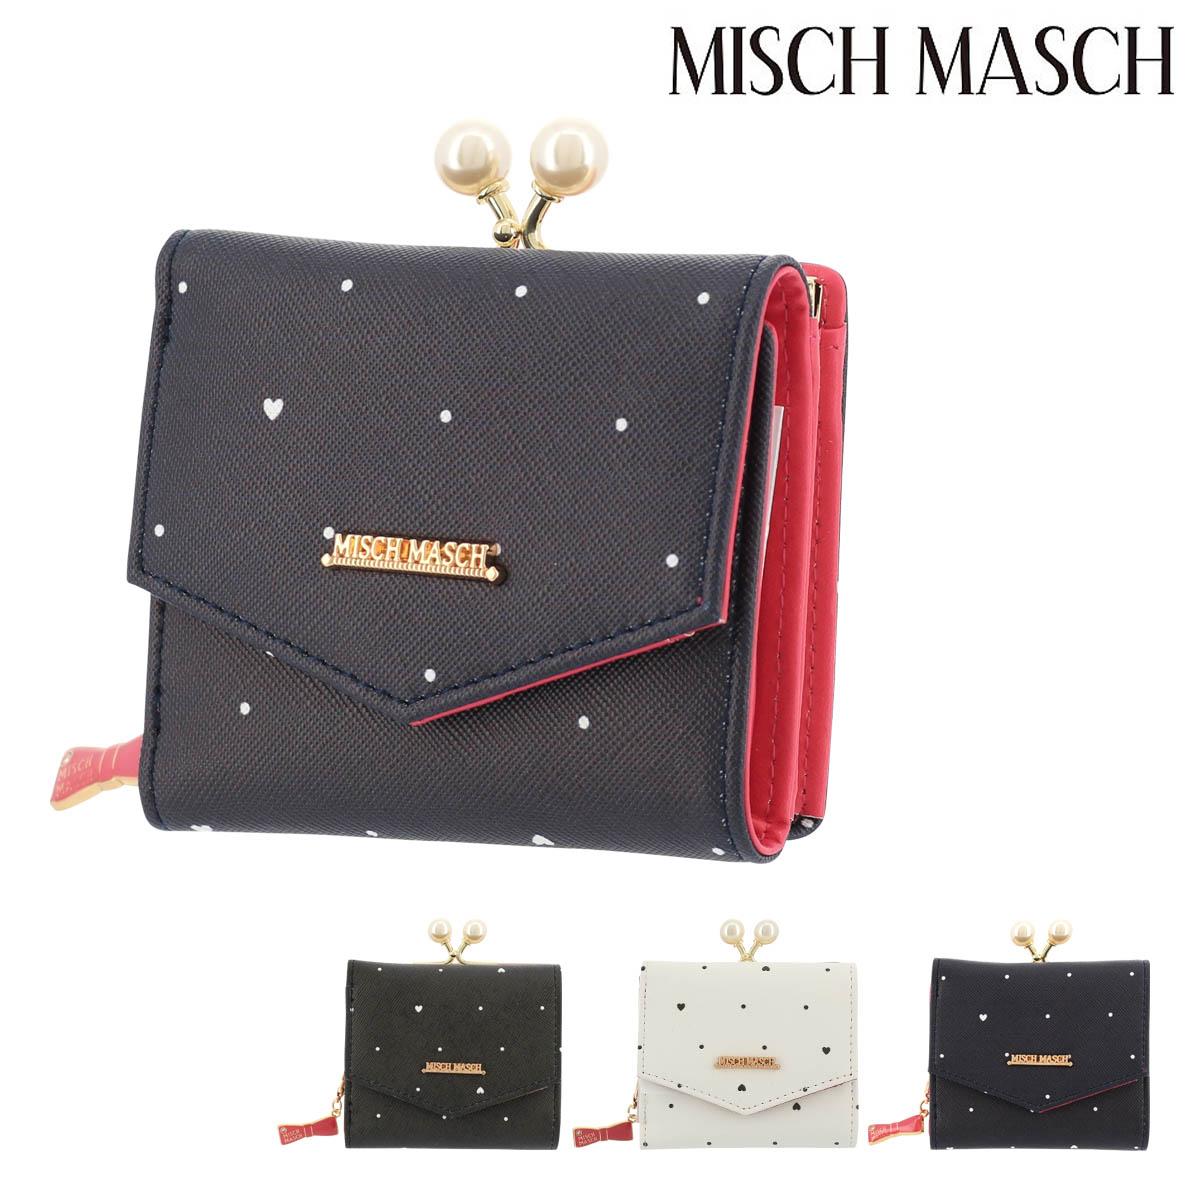 88c34b5c20d8 ミッシュマッシュ 三つ折り財布 がま口 ミルク レディース 67250 MISCH MASCH | コンパクト 使いやすい口金式  ブランド専用BOX付き [01/29]